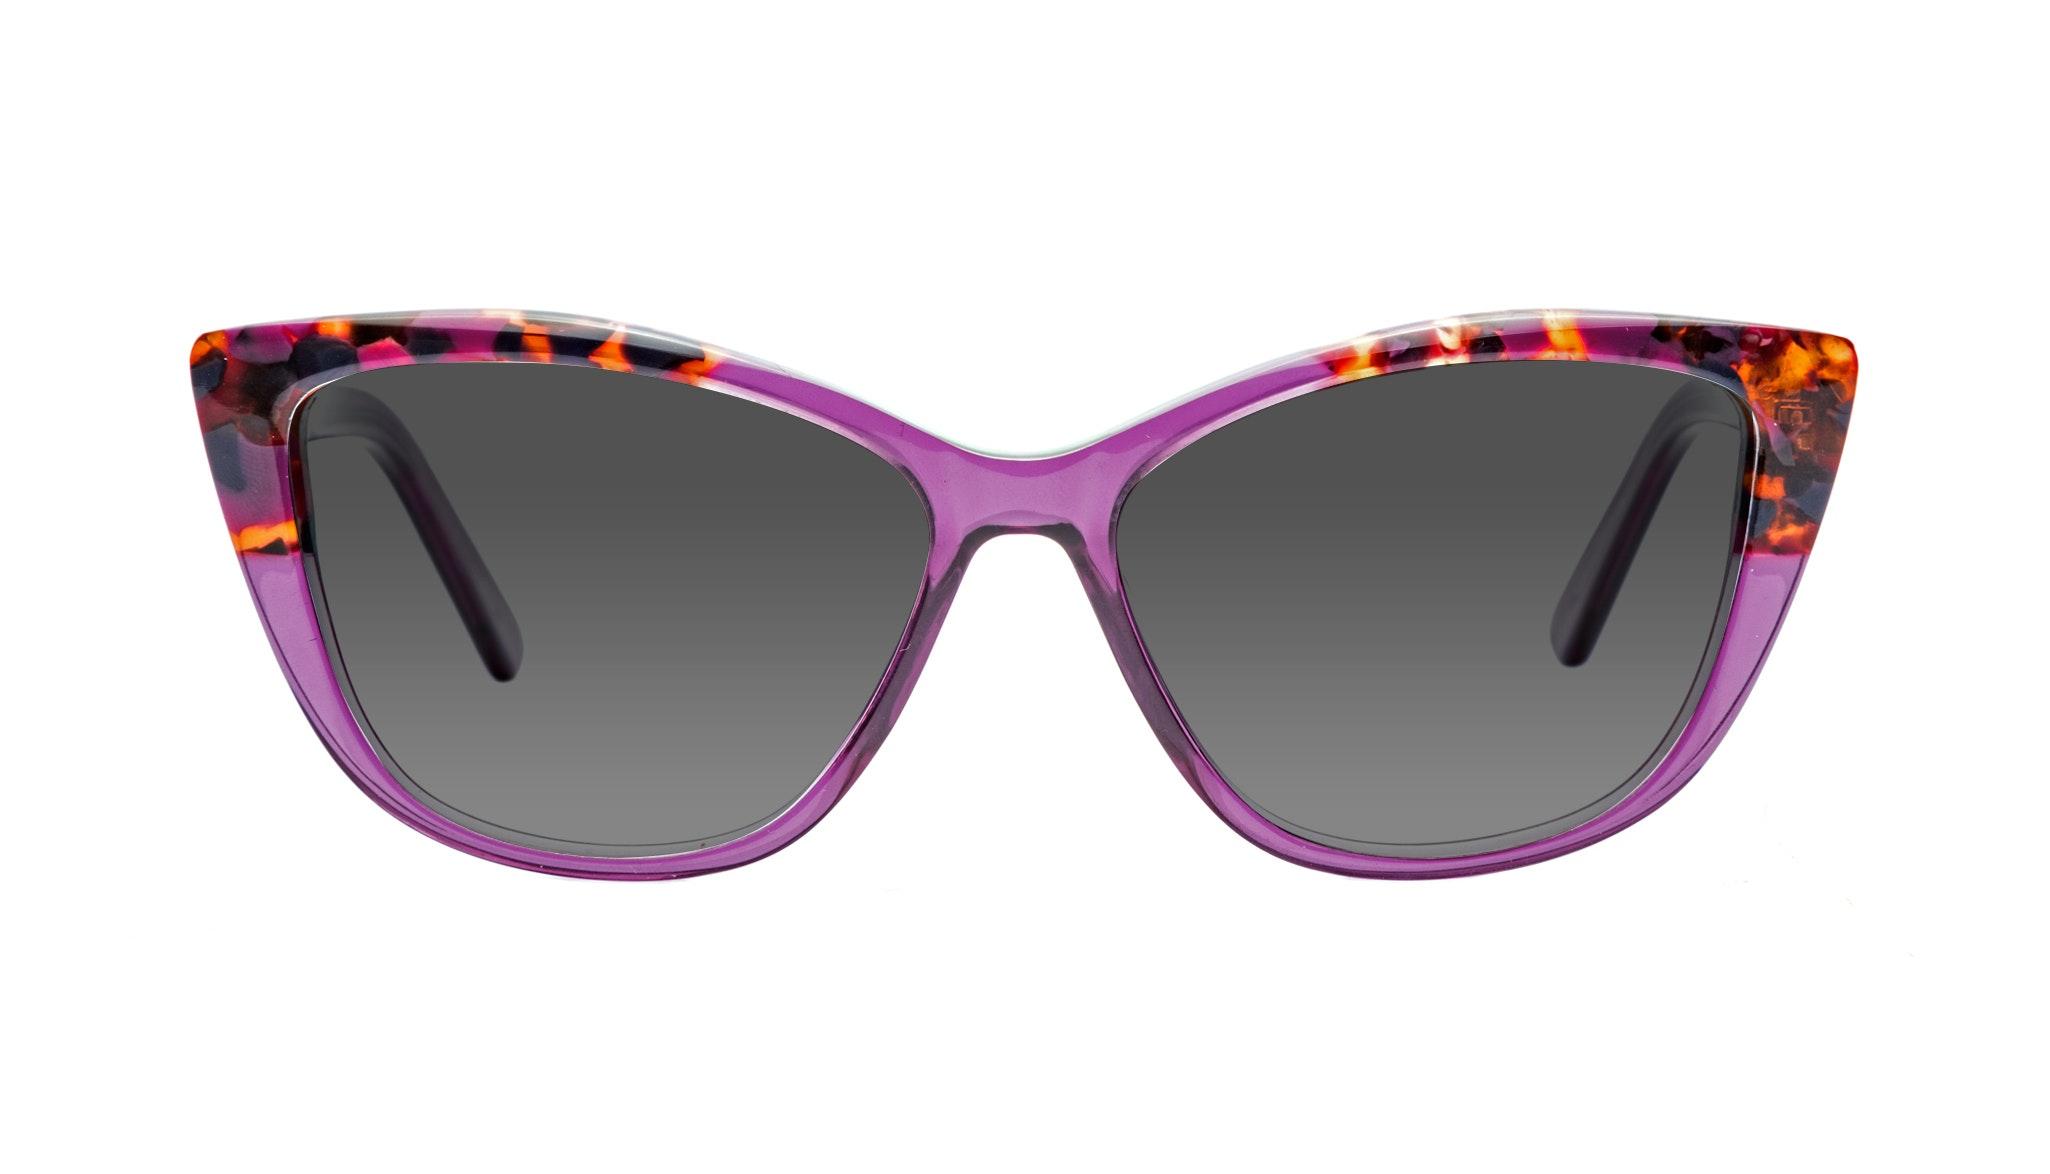 Lunettes tendance Oeil de chat Solaires Femmes Dolled Up Pretty Purple